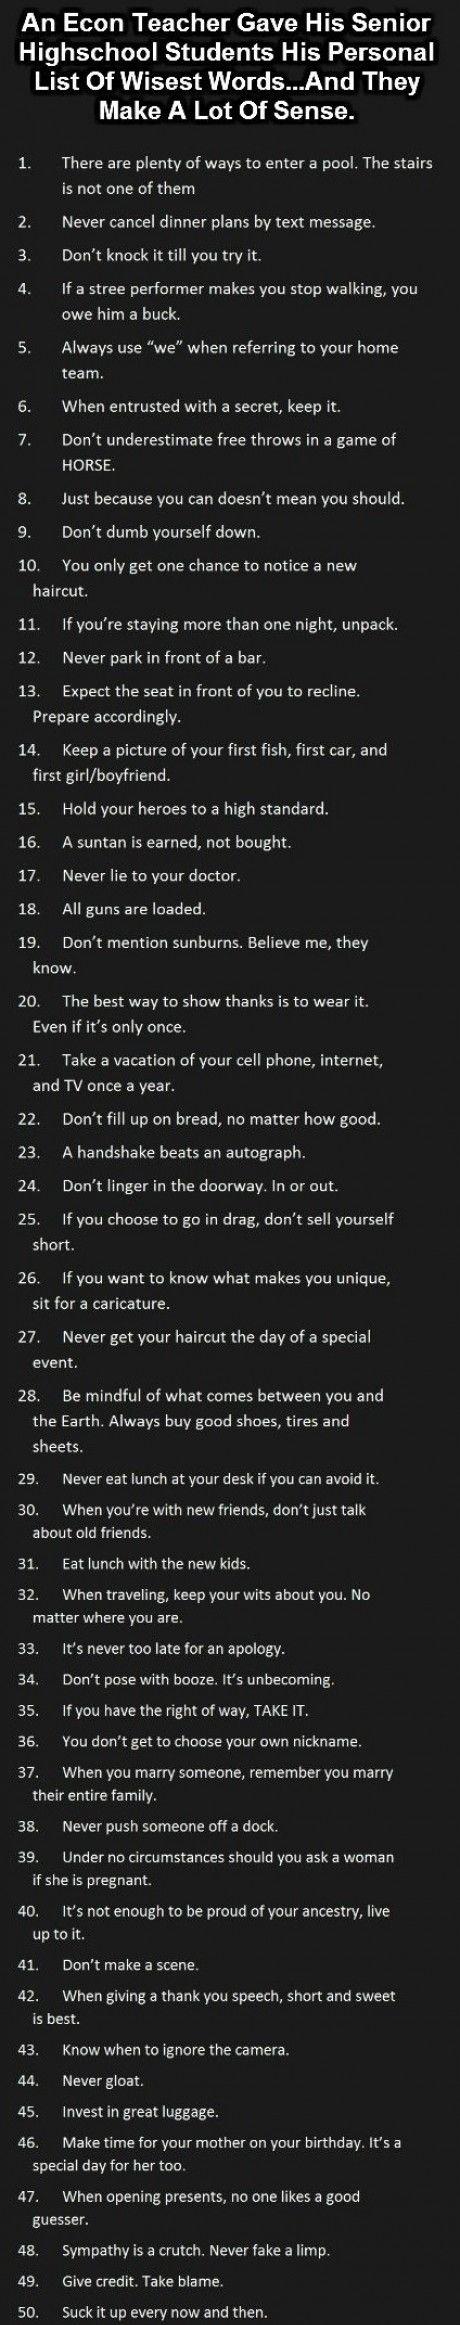 Advice for the boys